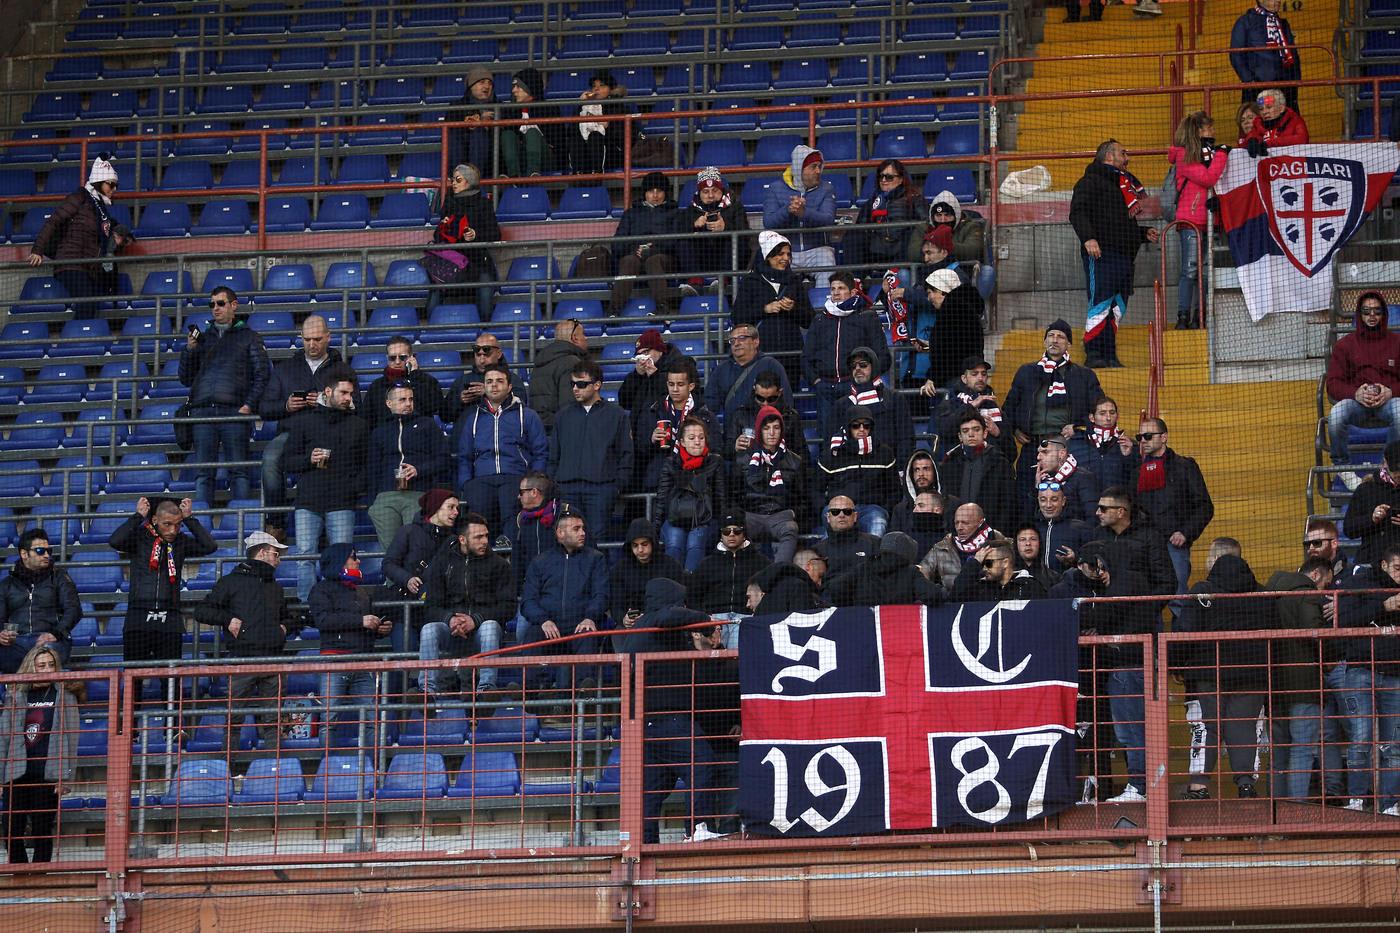 Serie A, Sampdoria-Cagliari 1-0: decide Quagliarella su rigore